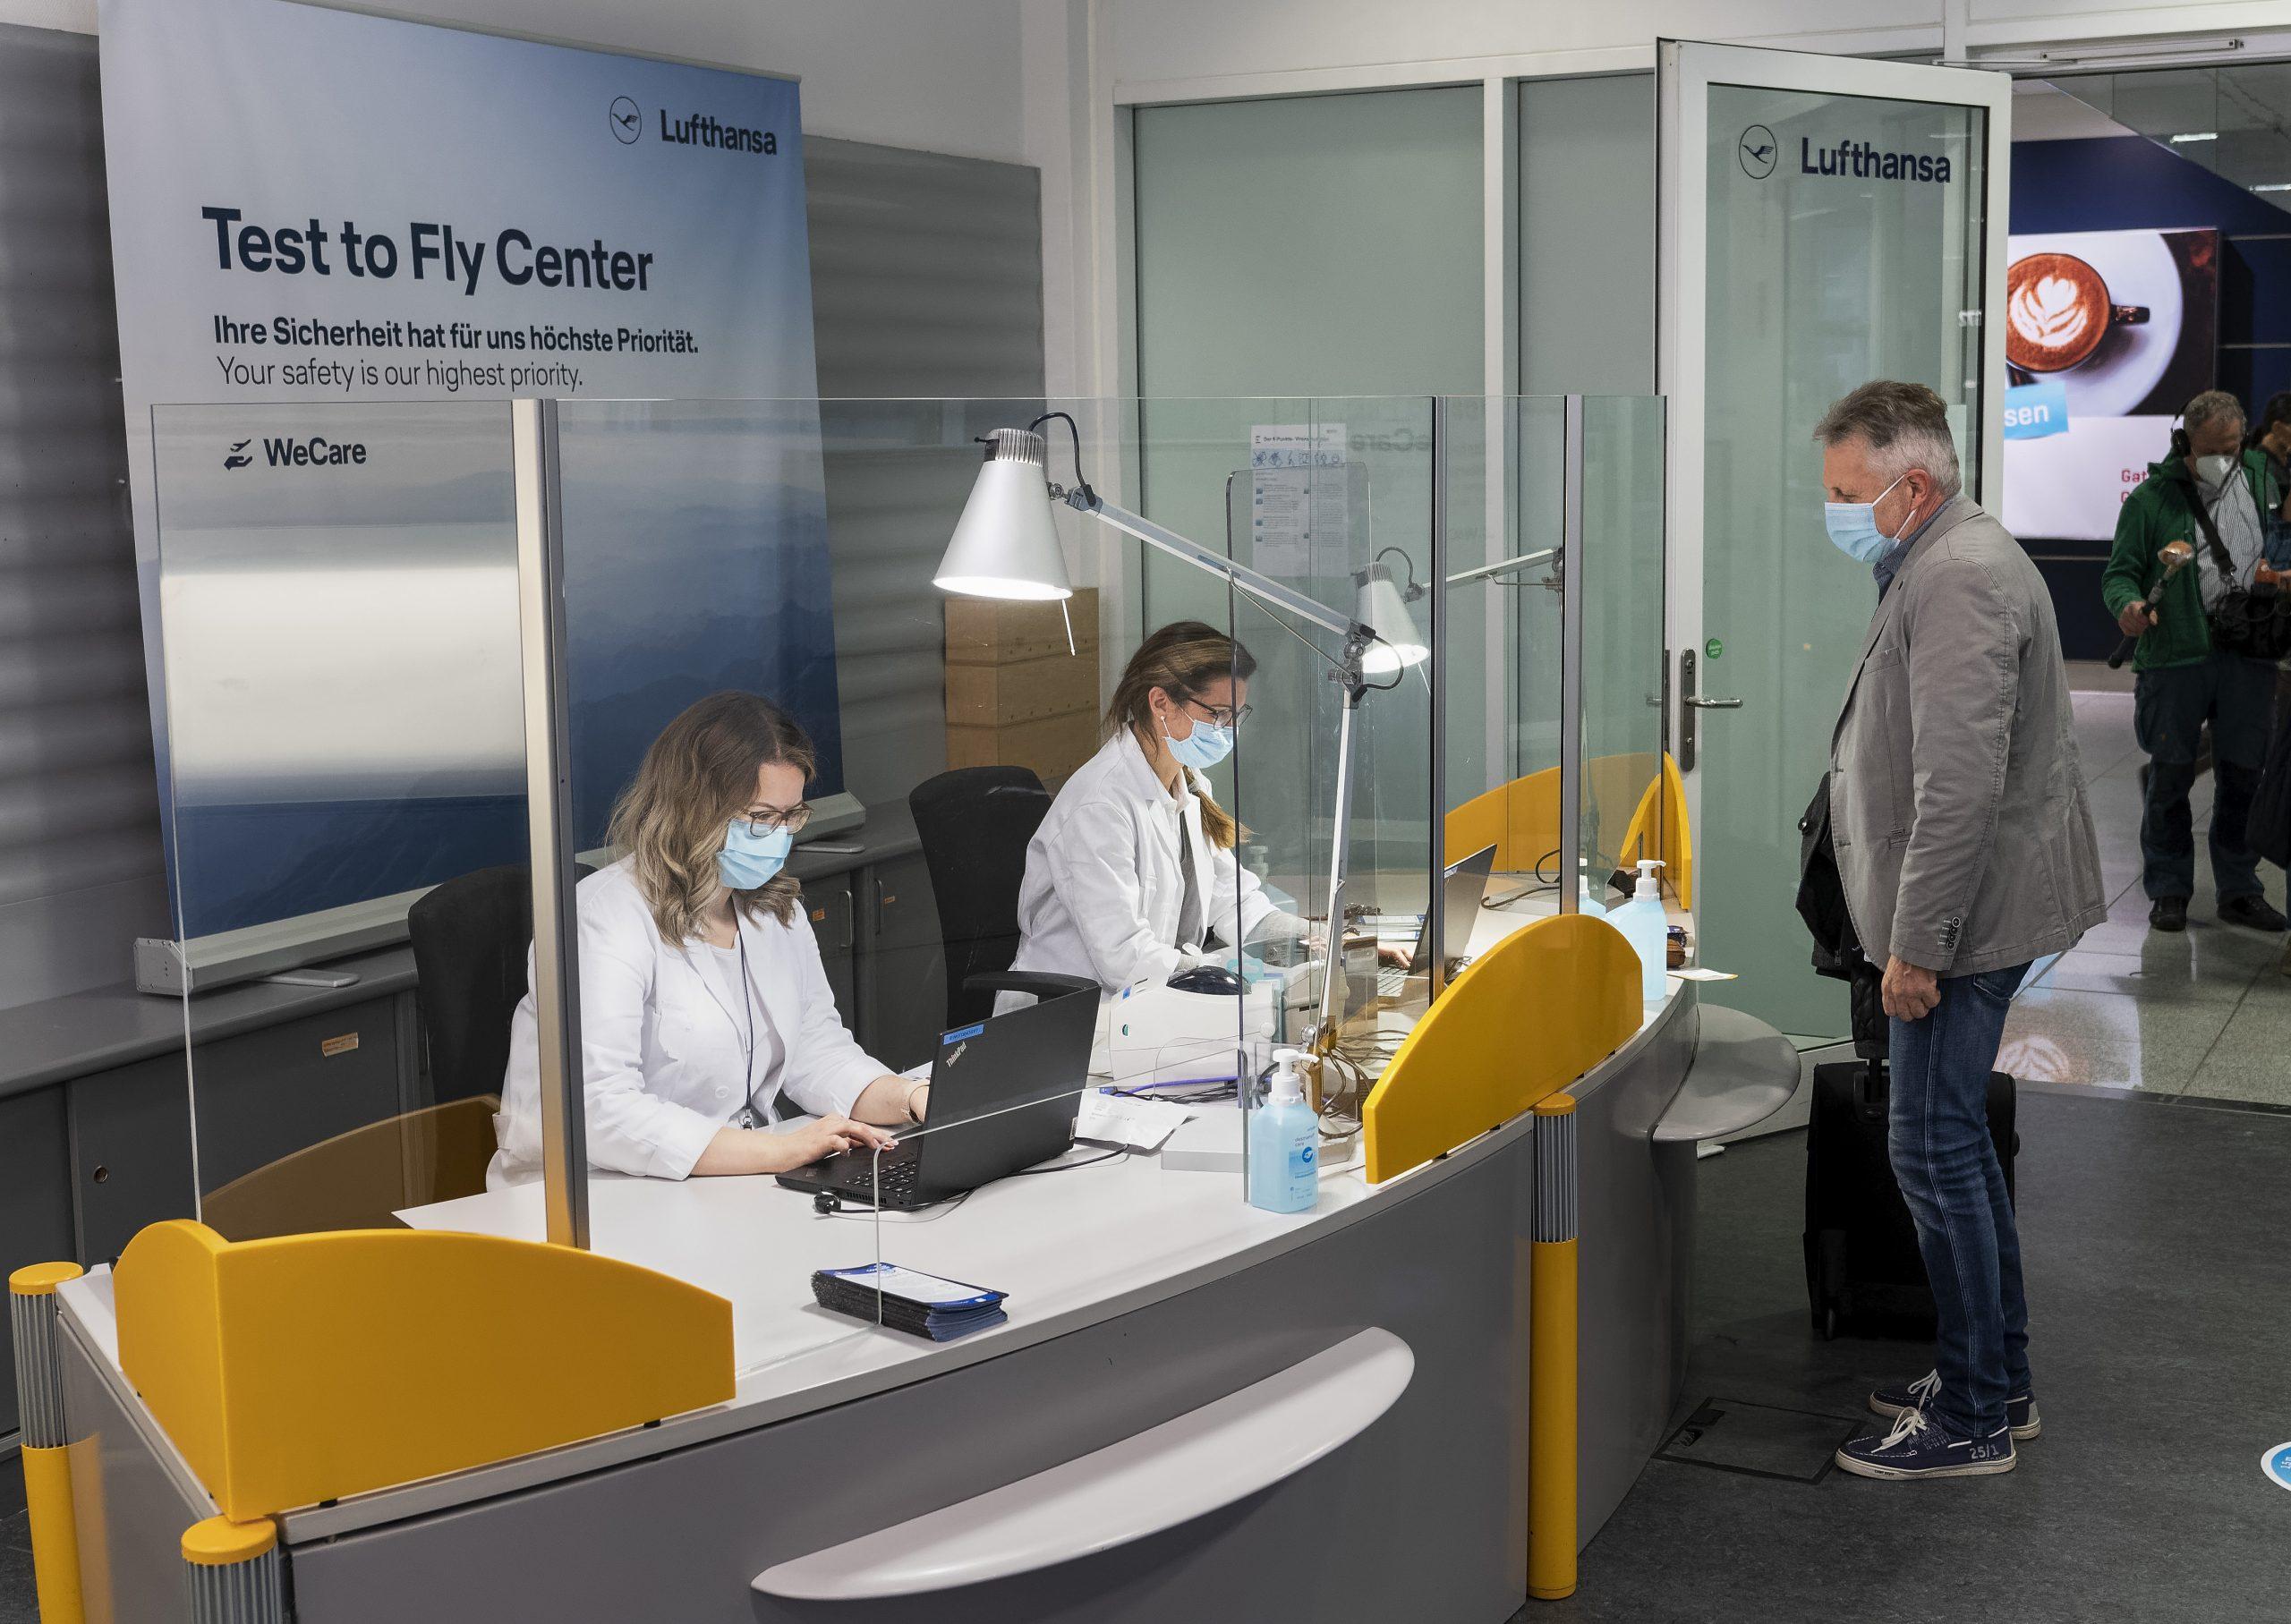 Faldet i solgte erhvervsrejser forventes at forbedre sig i år sammenlignet med sidste år. Arkivpressefoto fra Lufthansa-Testcenter i Terminal 2 i lufthavnen i München: Stephan Goerlich, FMG Flughafen München GmbH.